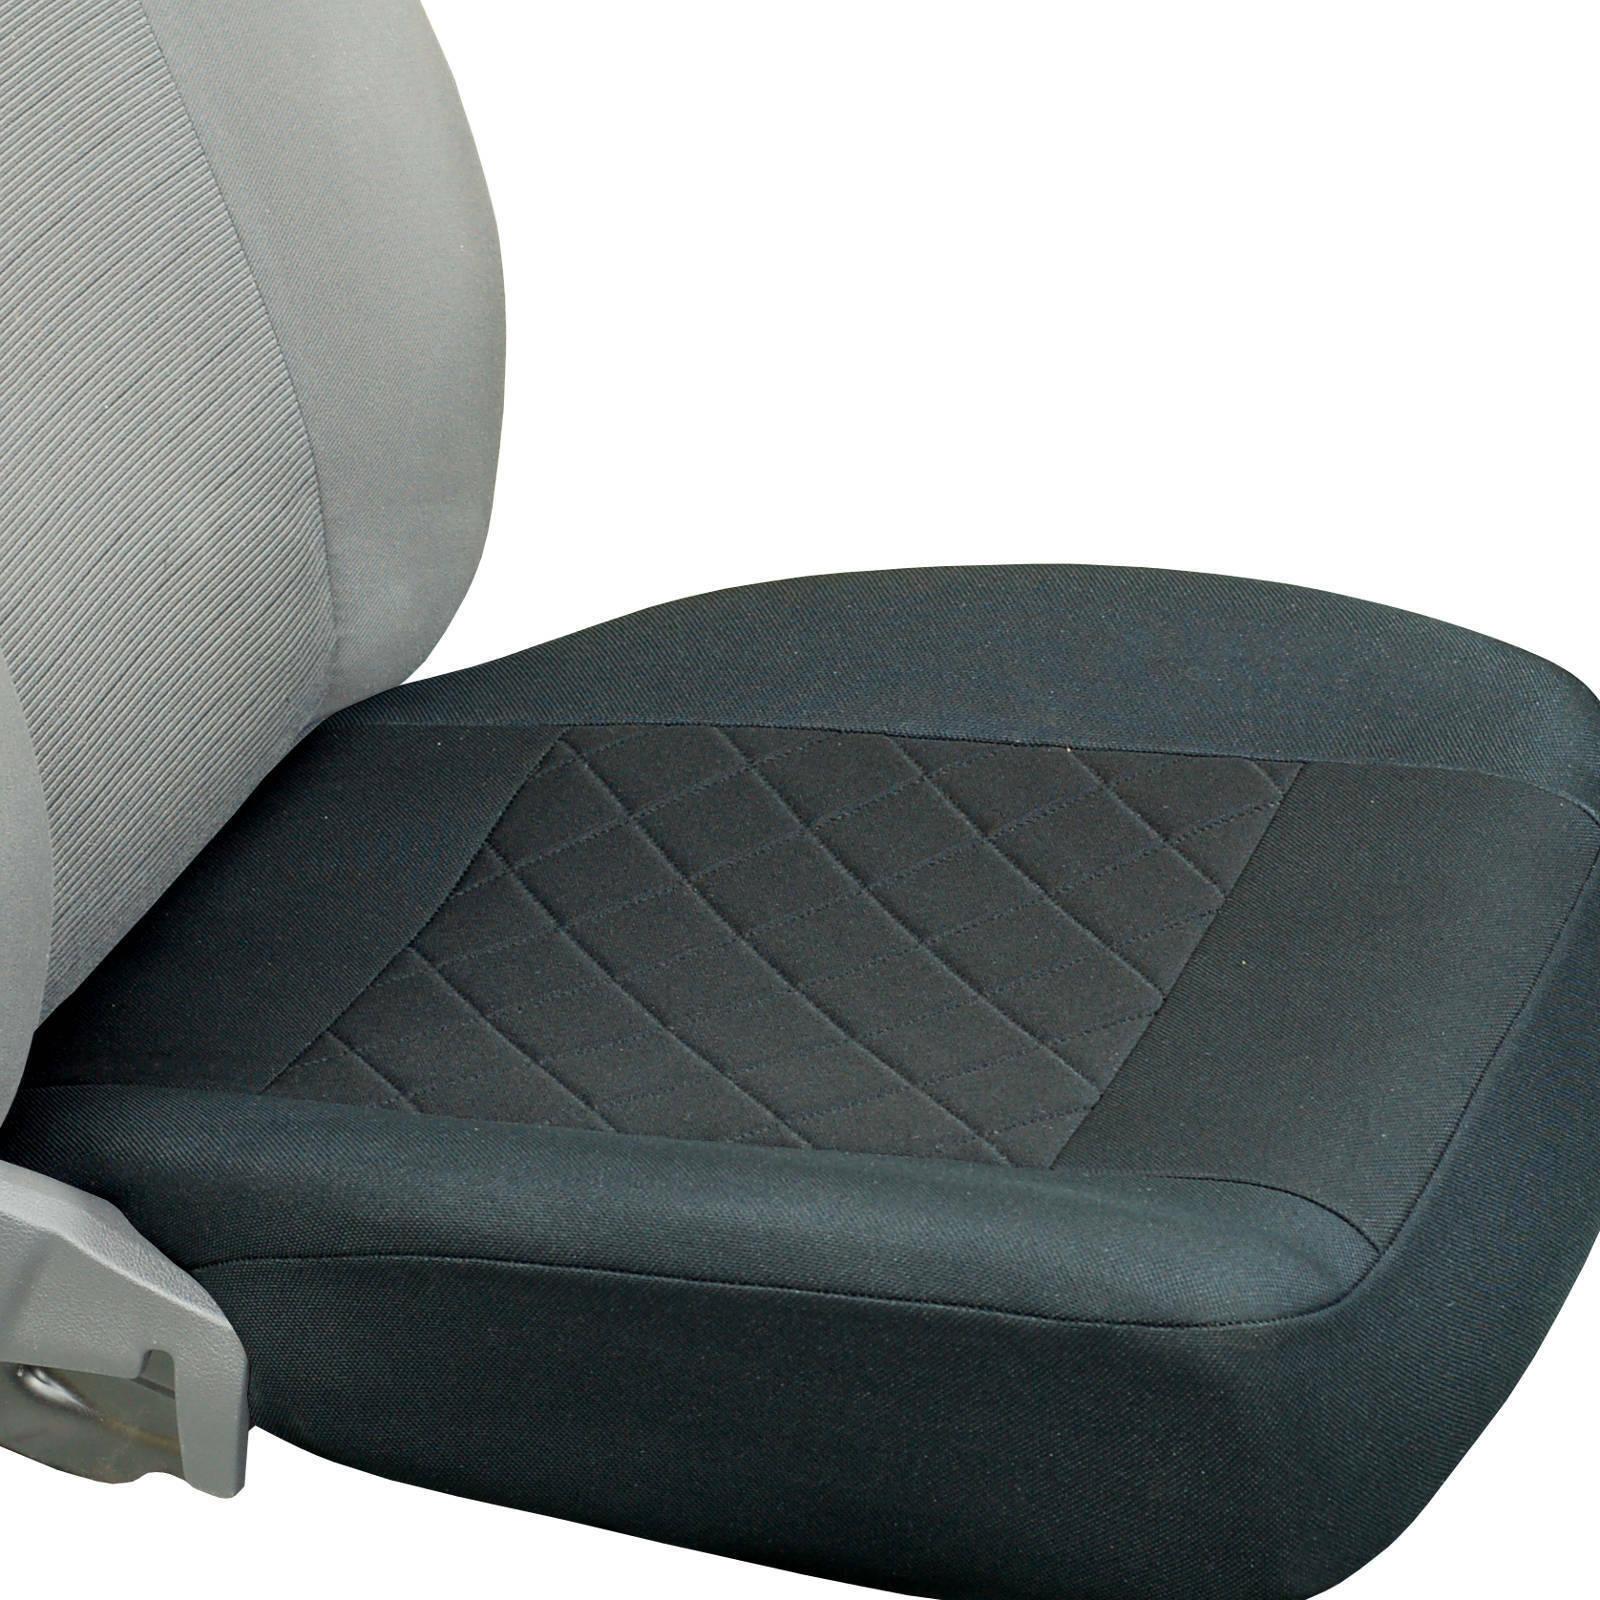 Schwarze Sitzbezüge nur untere Teil passen zu allem SKODA Autos Vorne